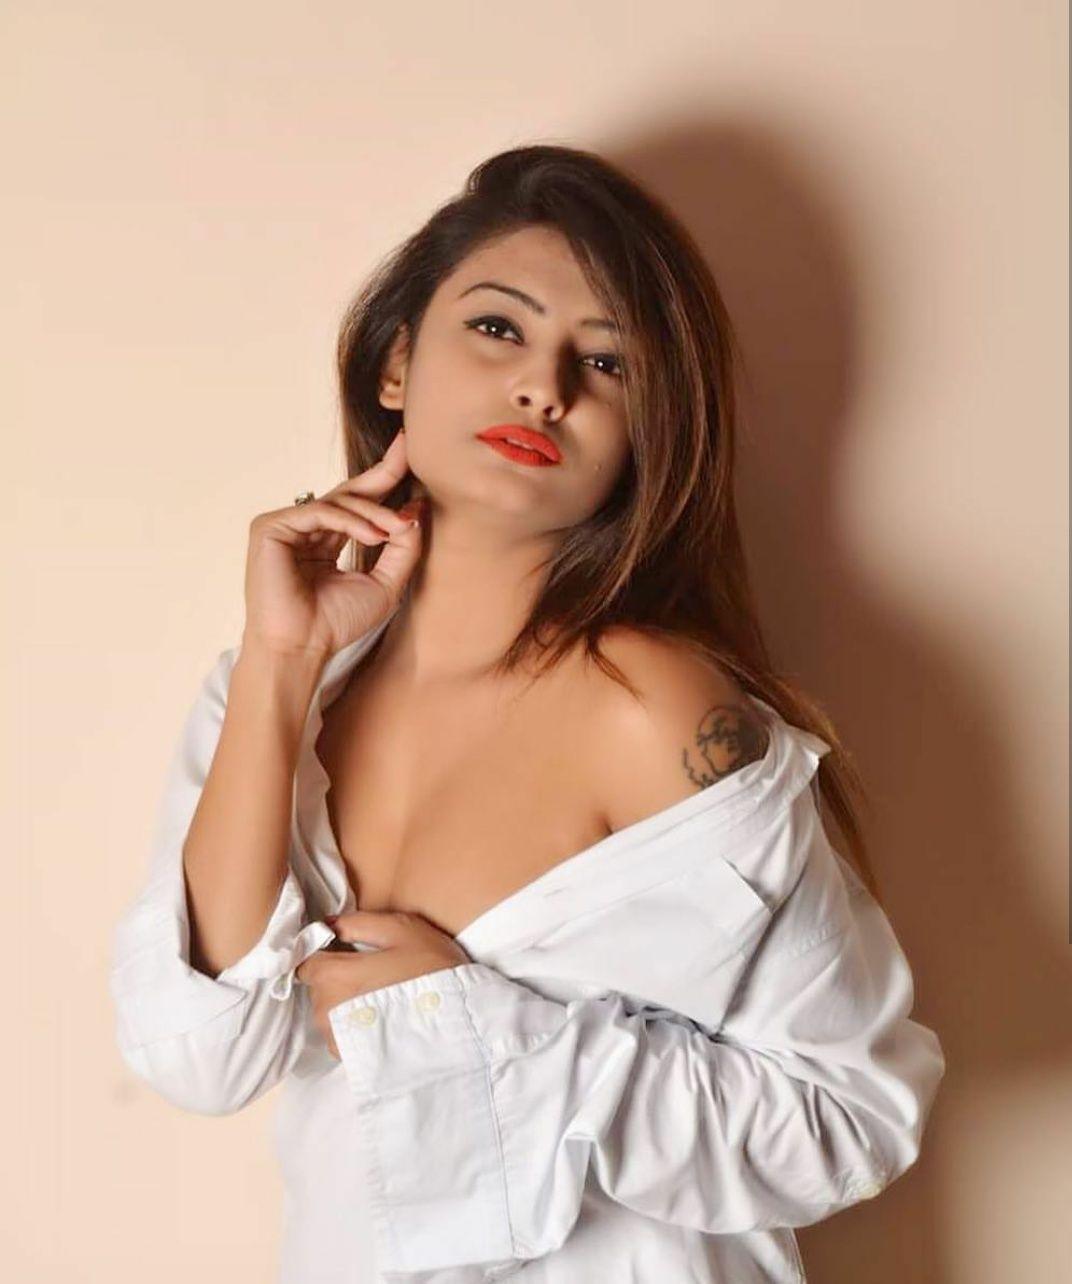 Hot Clicks: Super Hot Indian Model Twinkle Kapoor